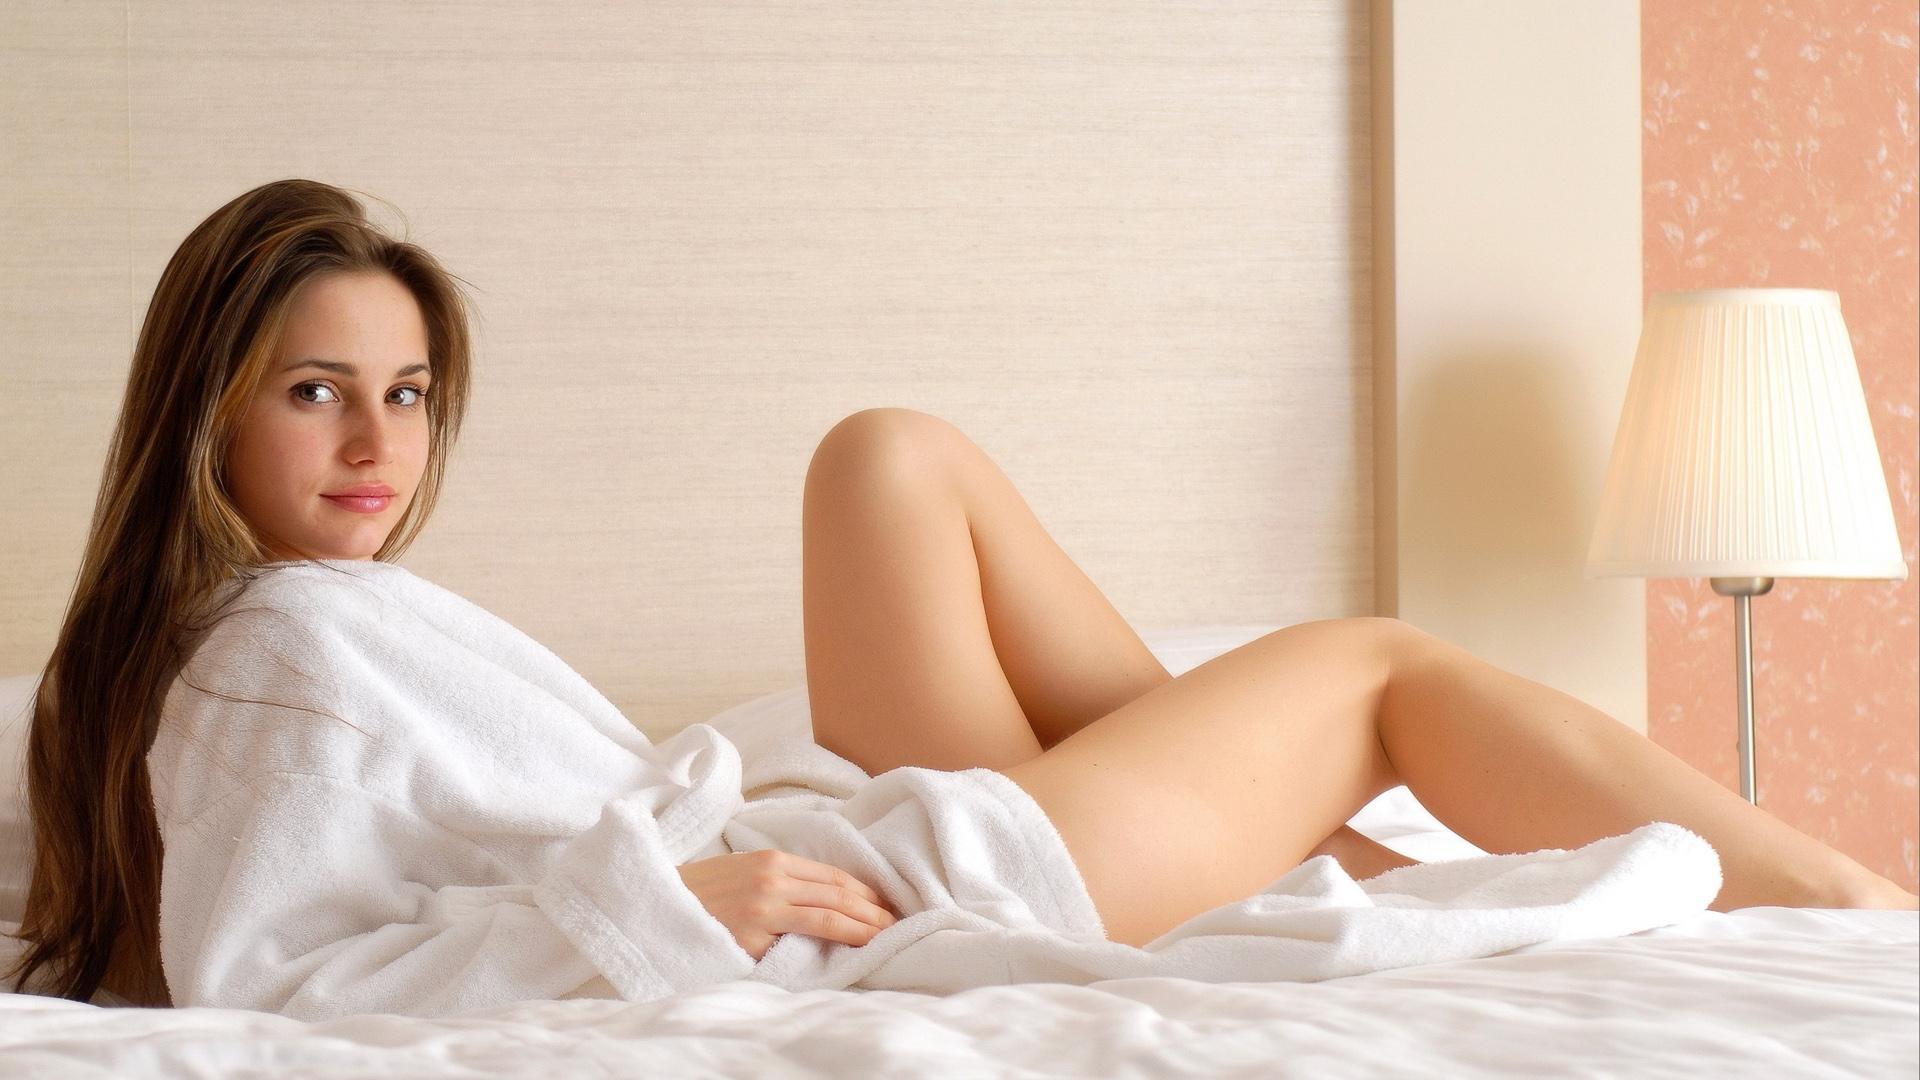 lilmal-sex-pissigj-of-piebsuut-sex-filmi